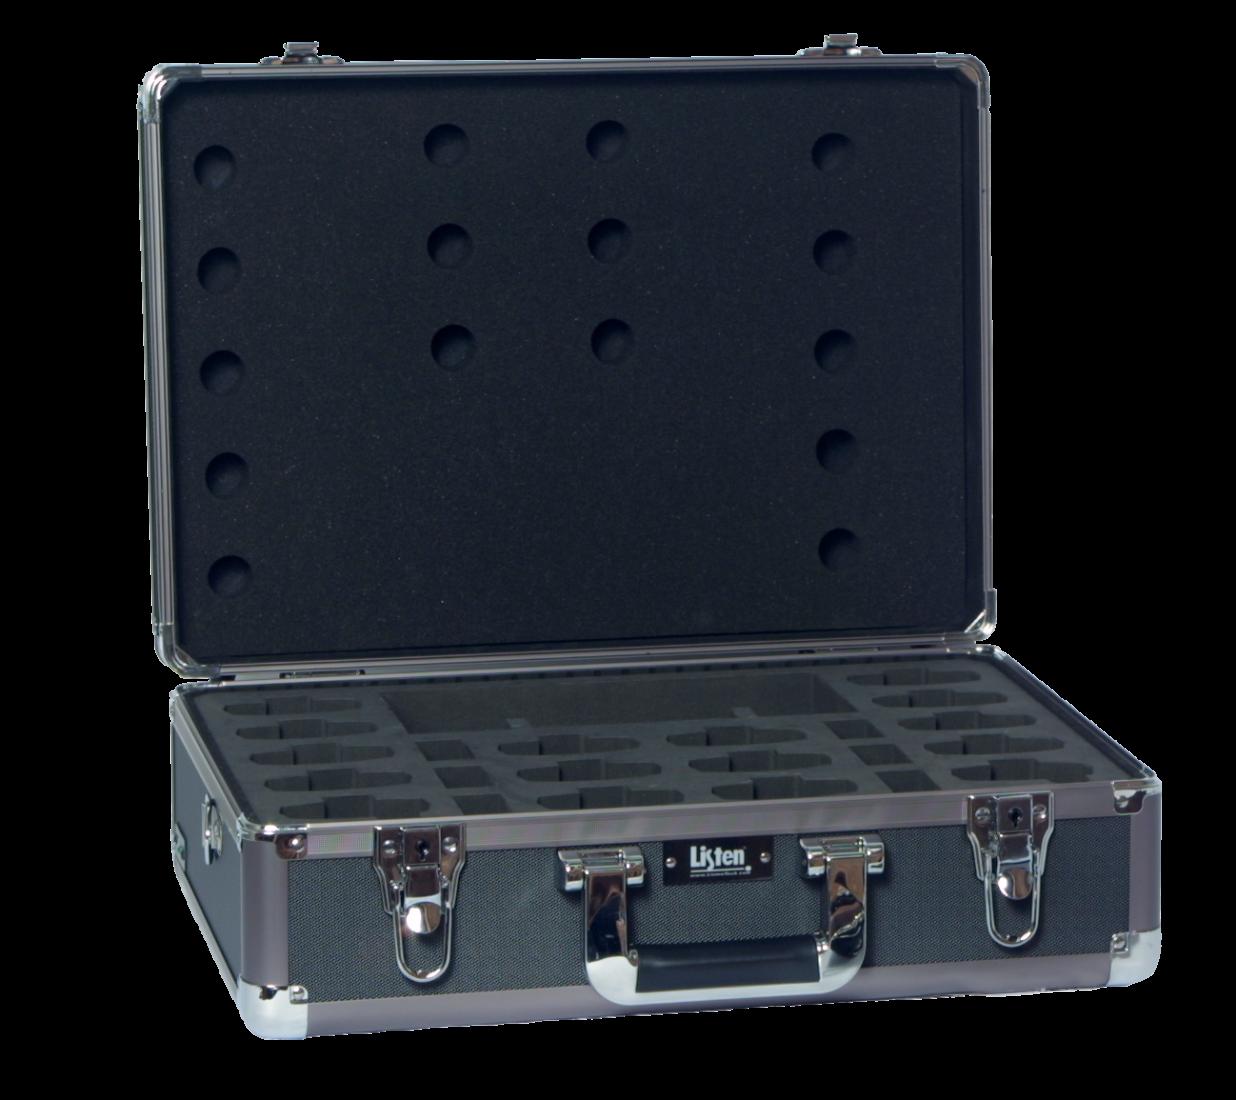 Z-LA-313  16 Unit Portable RF Product Carrying Case